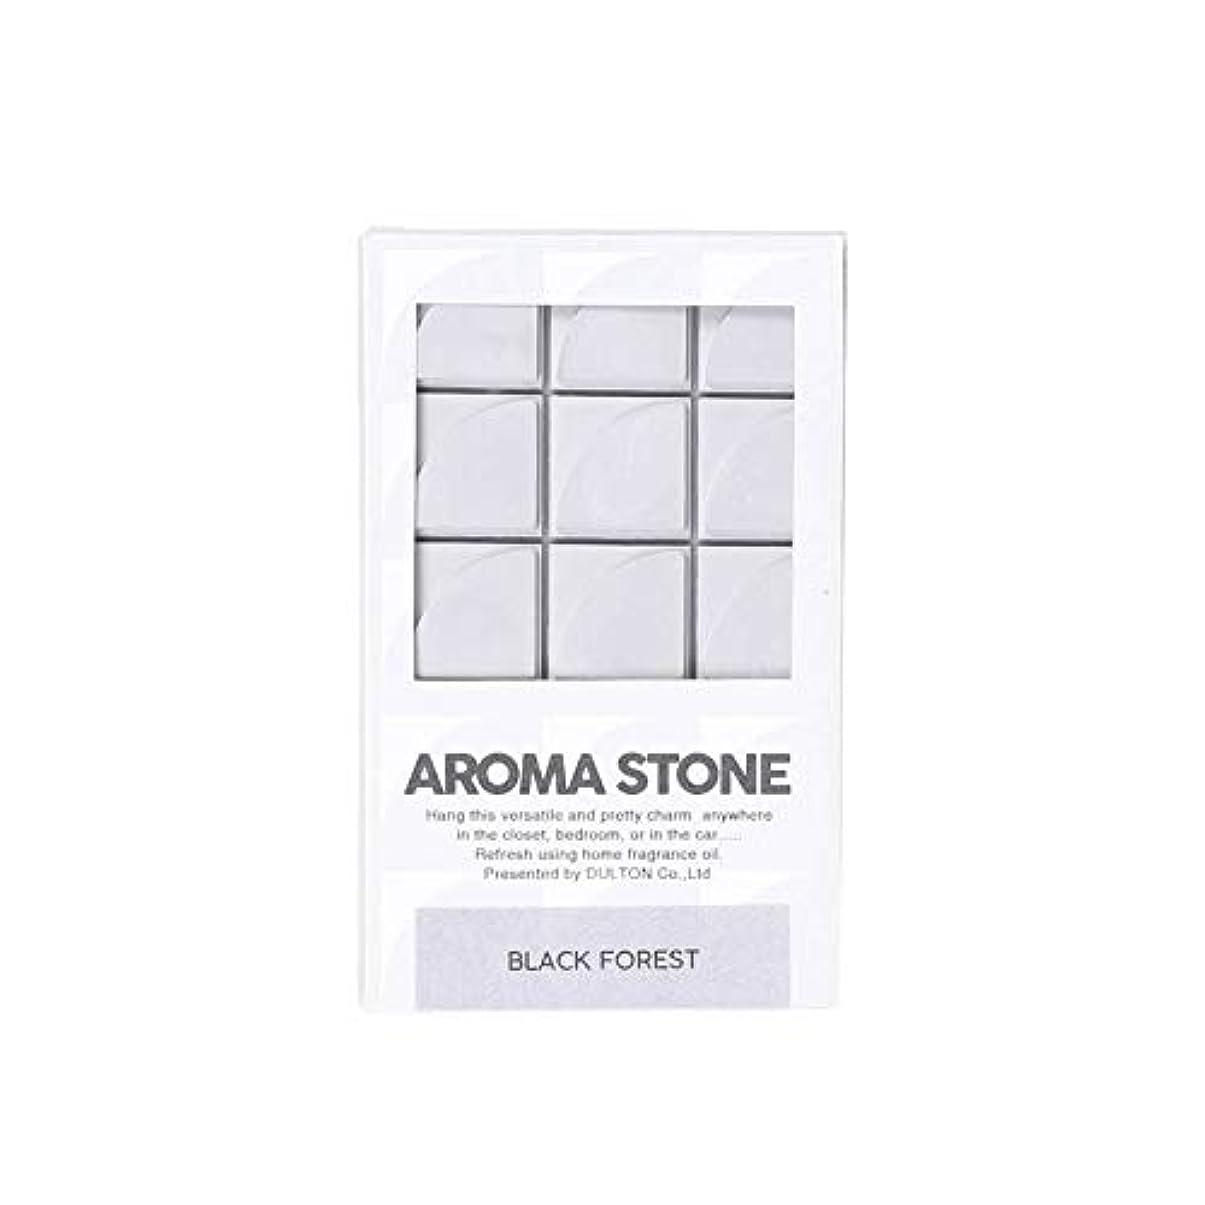 隣接するおスチュアート島ダルトン Aroma stone アロマストーン G975-1268 Black forest